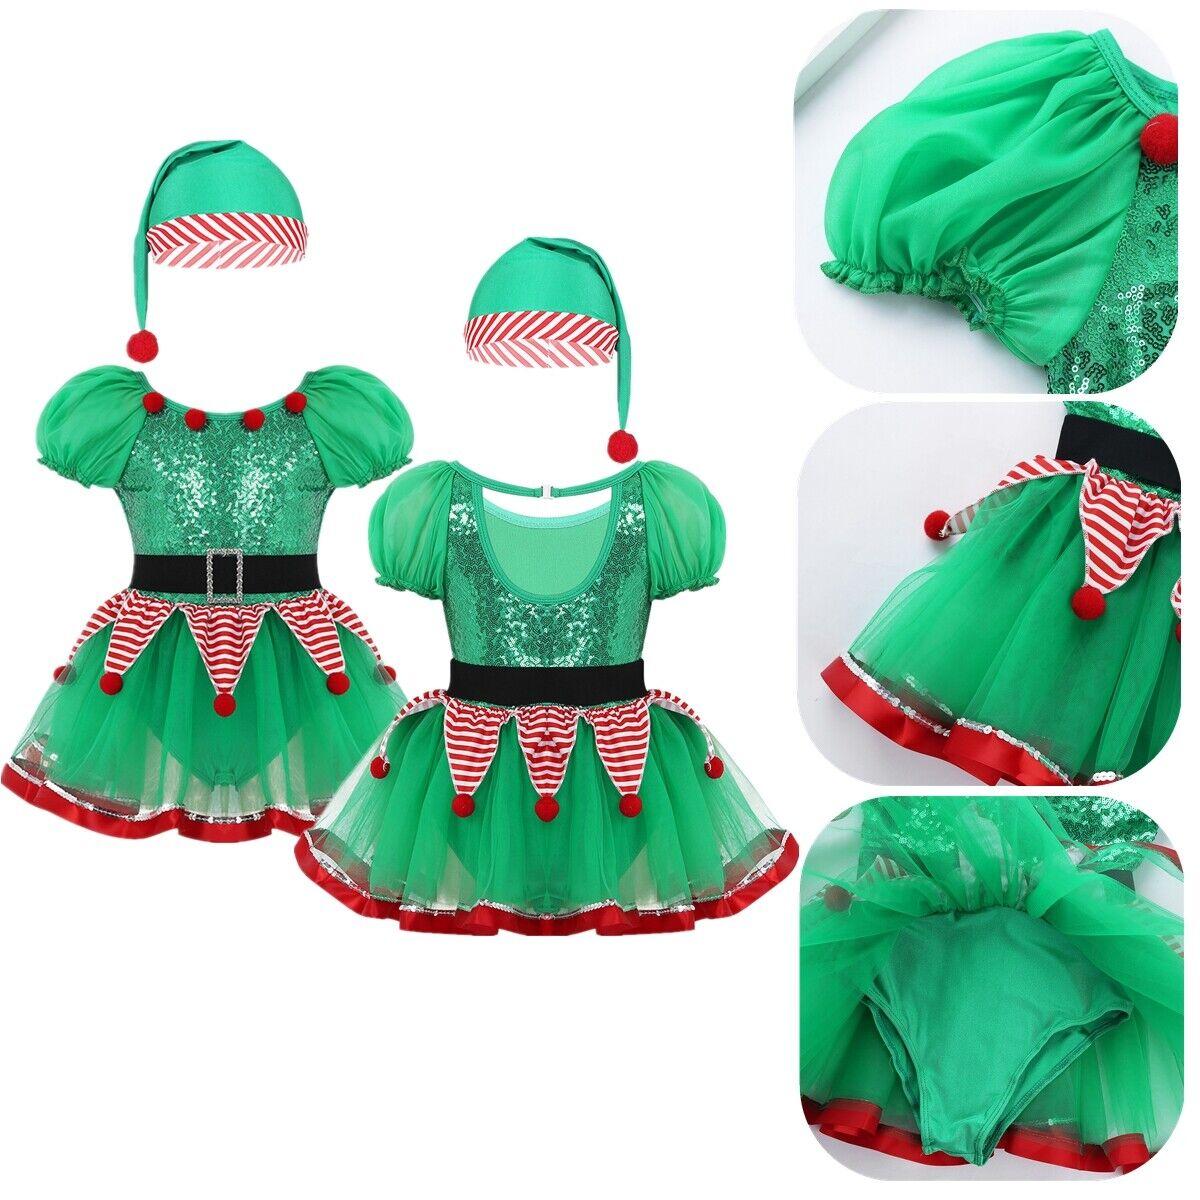 Kids Girls Christmas Elf Tutu Dress Clown Elves Dress Sequined Peplum Costumes